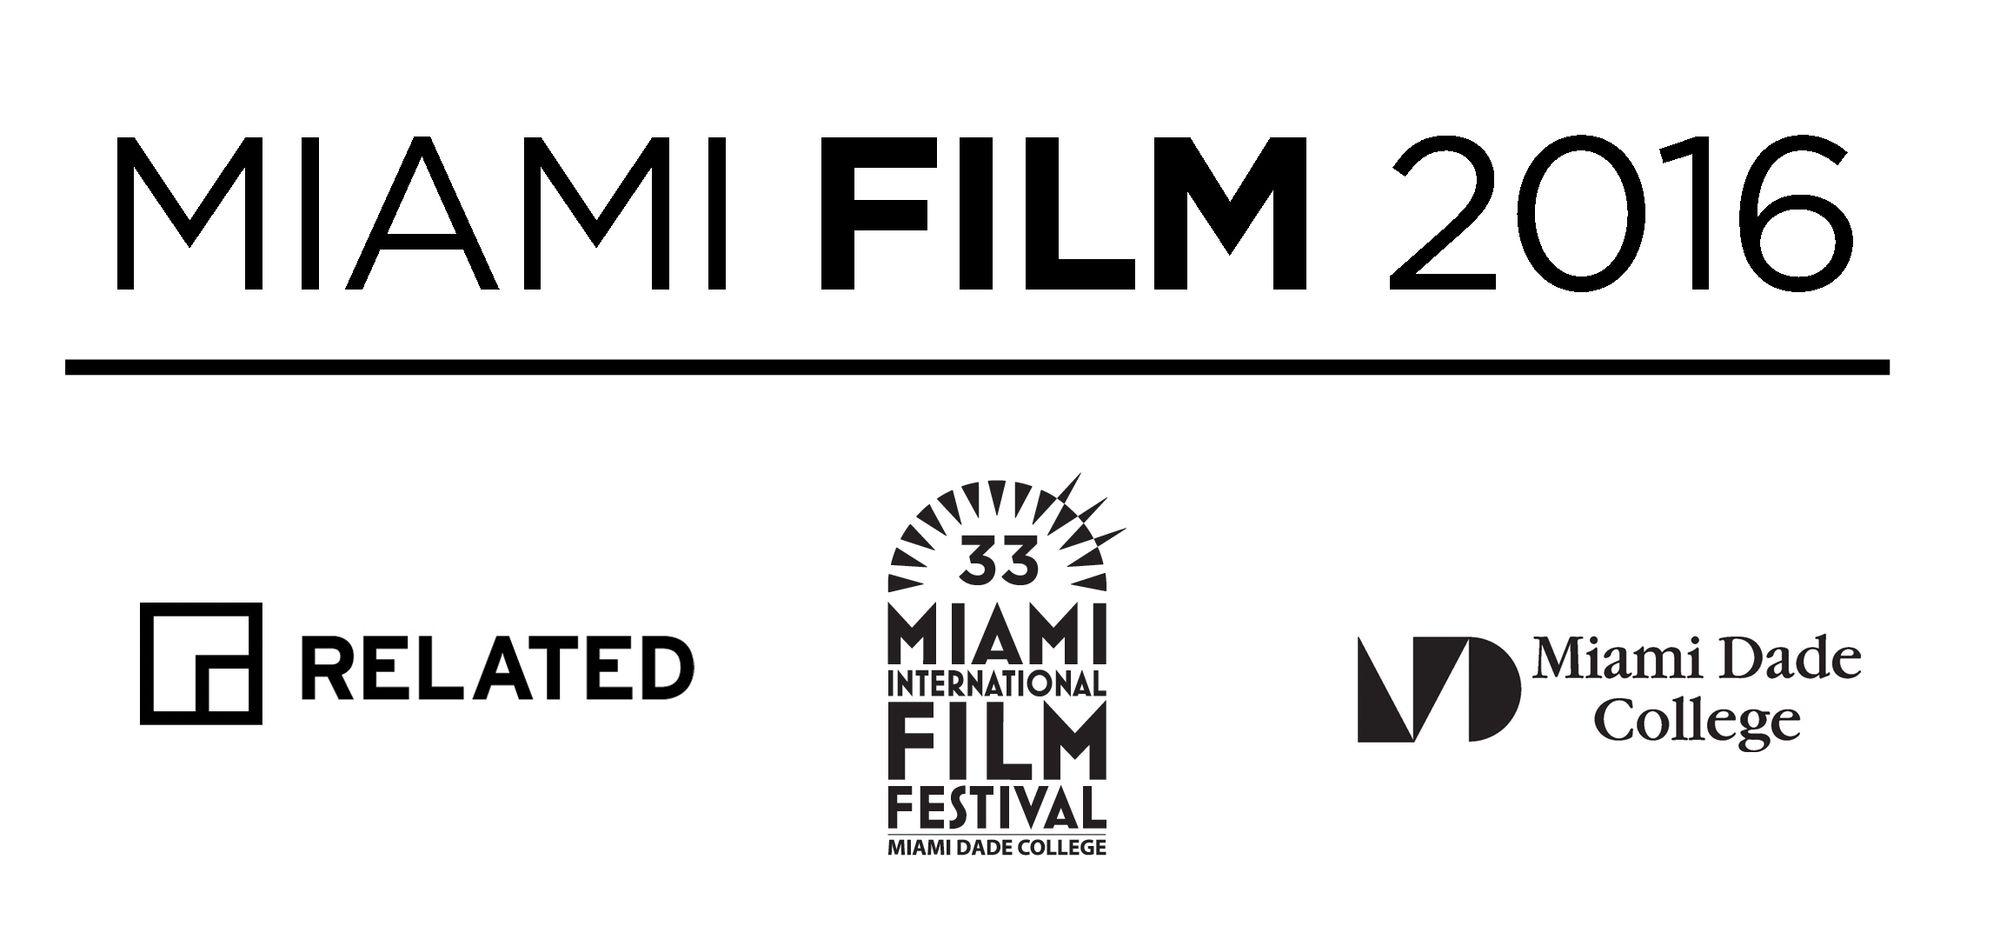 Miami Dade College's Miami International Film Festival